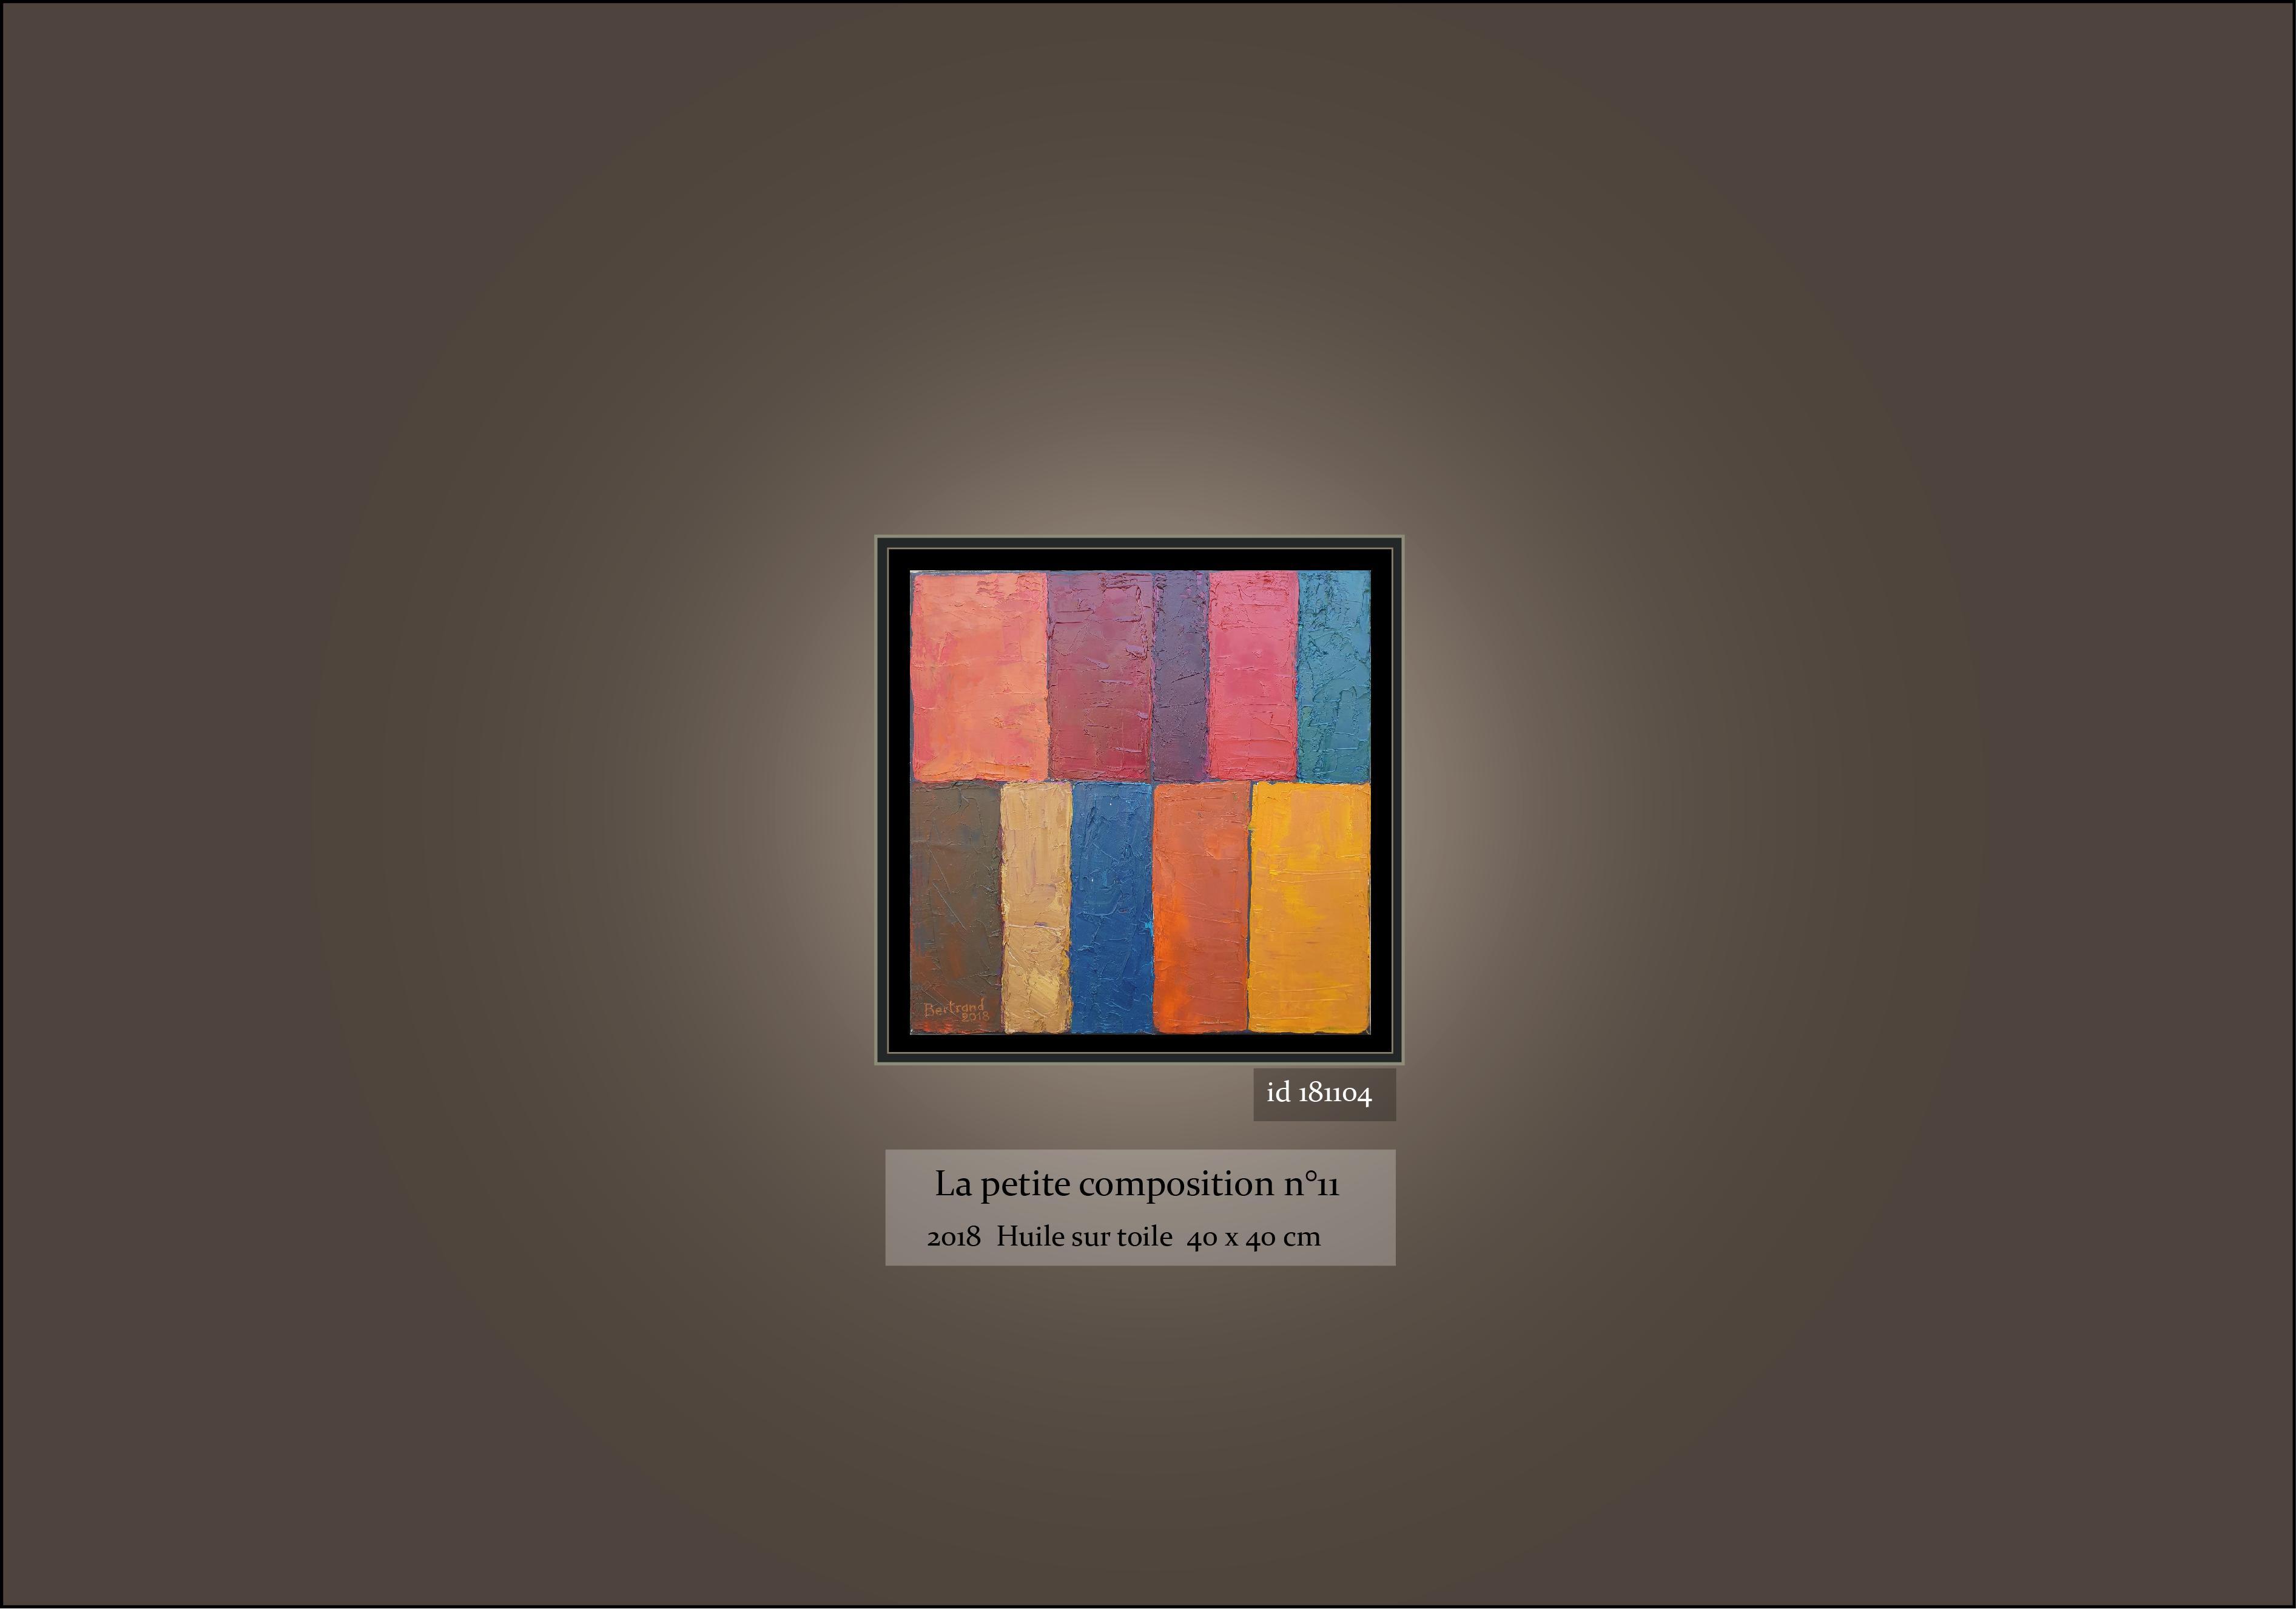 181104_LA_PETITE_COMPOSITION_N°11